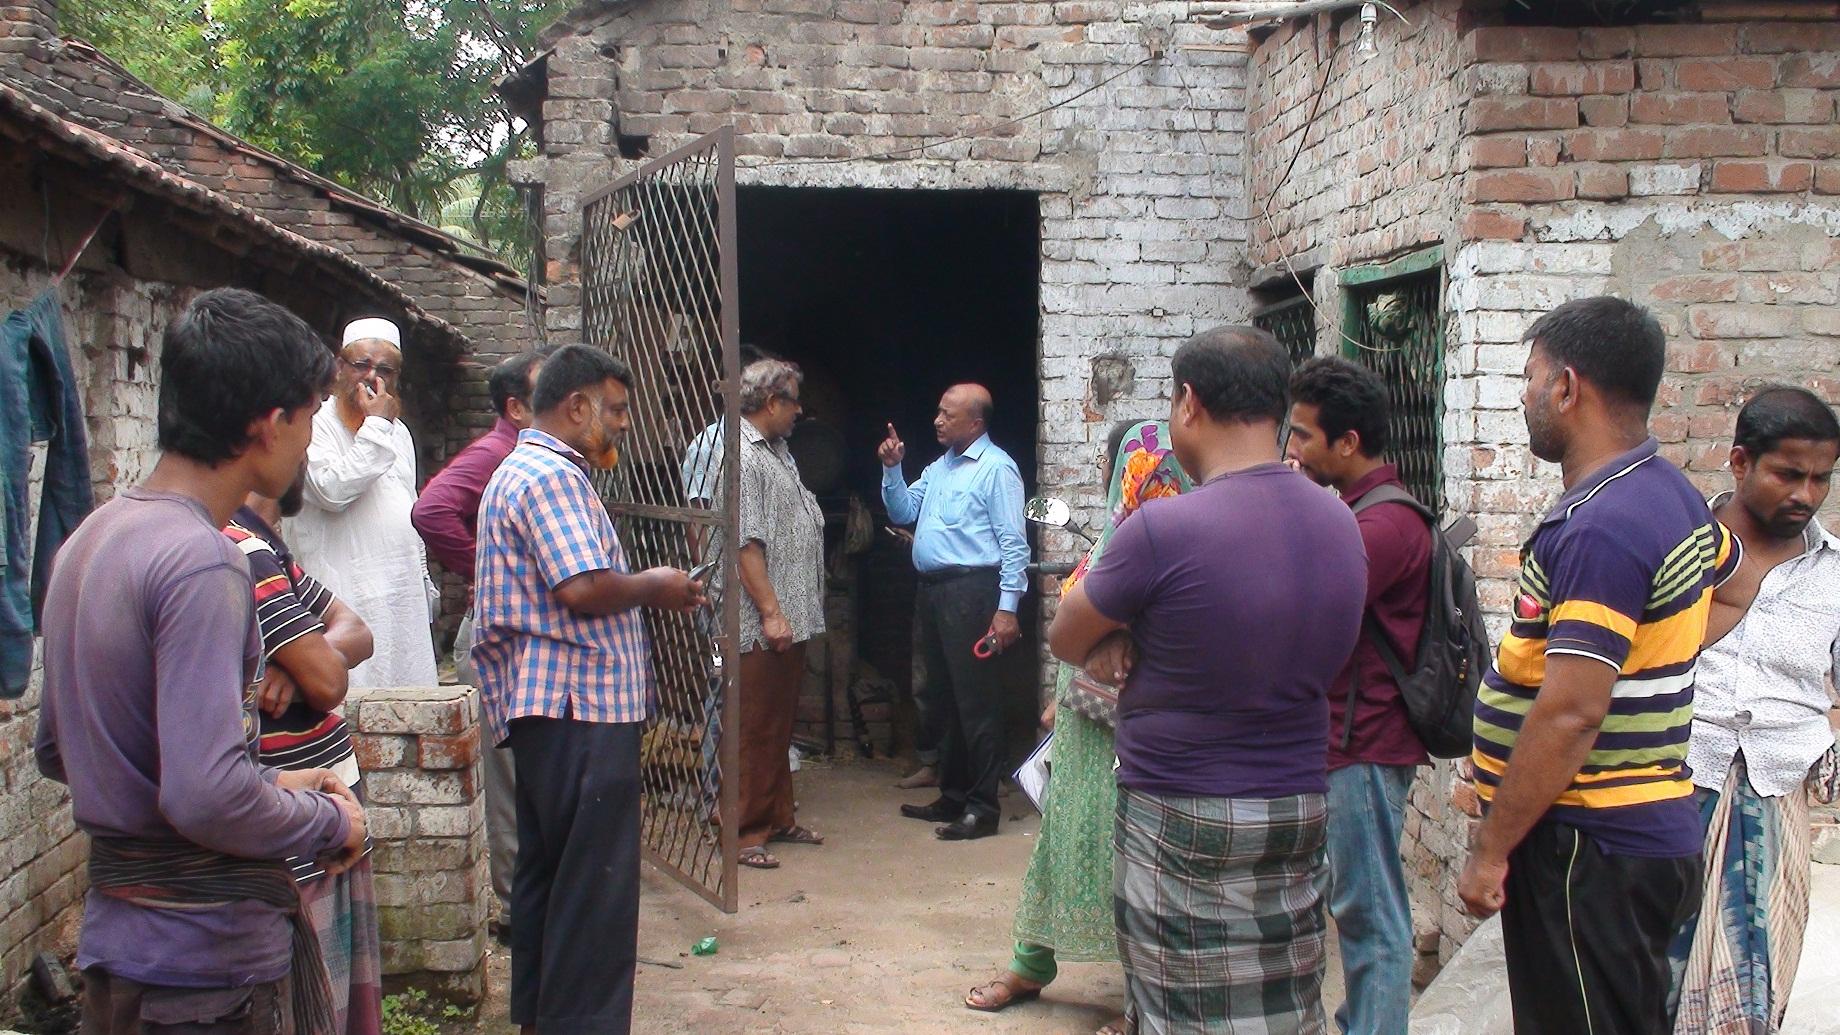 ওজোপাডিকো'র অবৈধ বিদ্যুৎ সংযোগের বিরুদ্ধে অভিযান: তার হিটার ও মিটার উদ্ধার